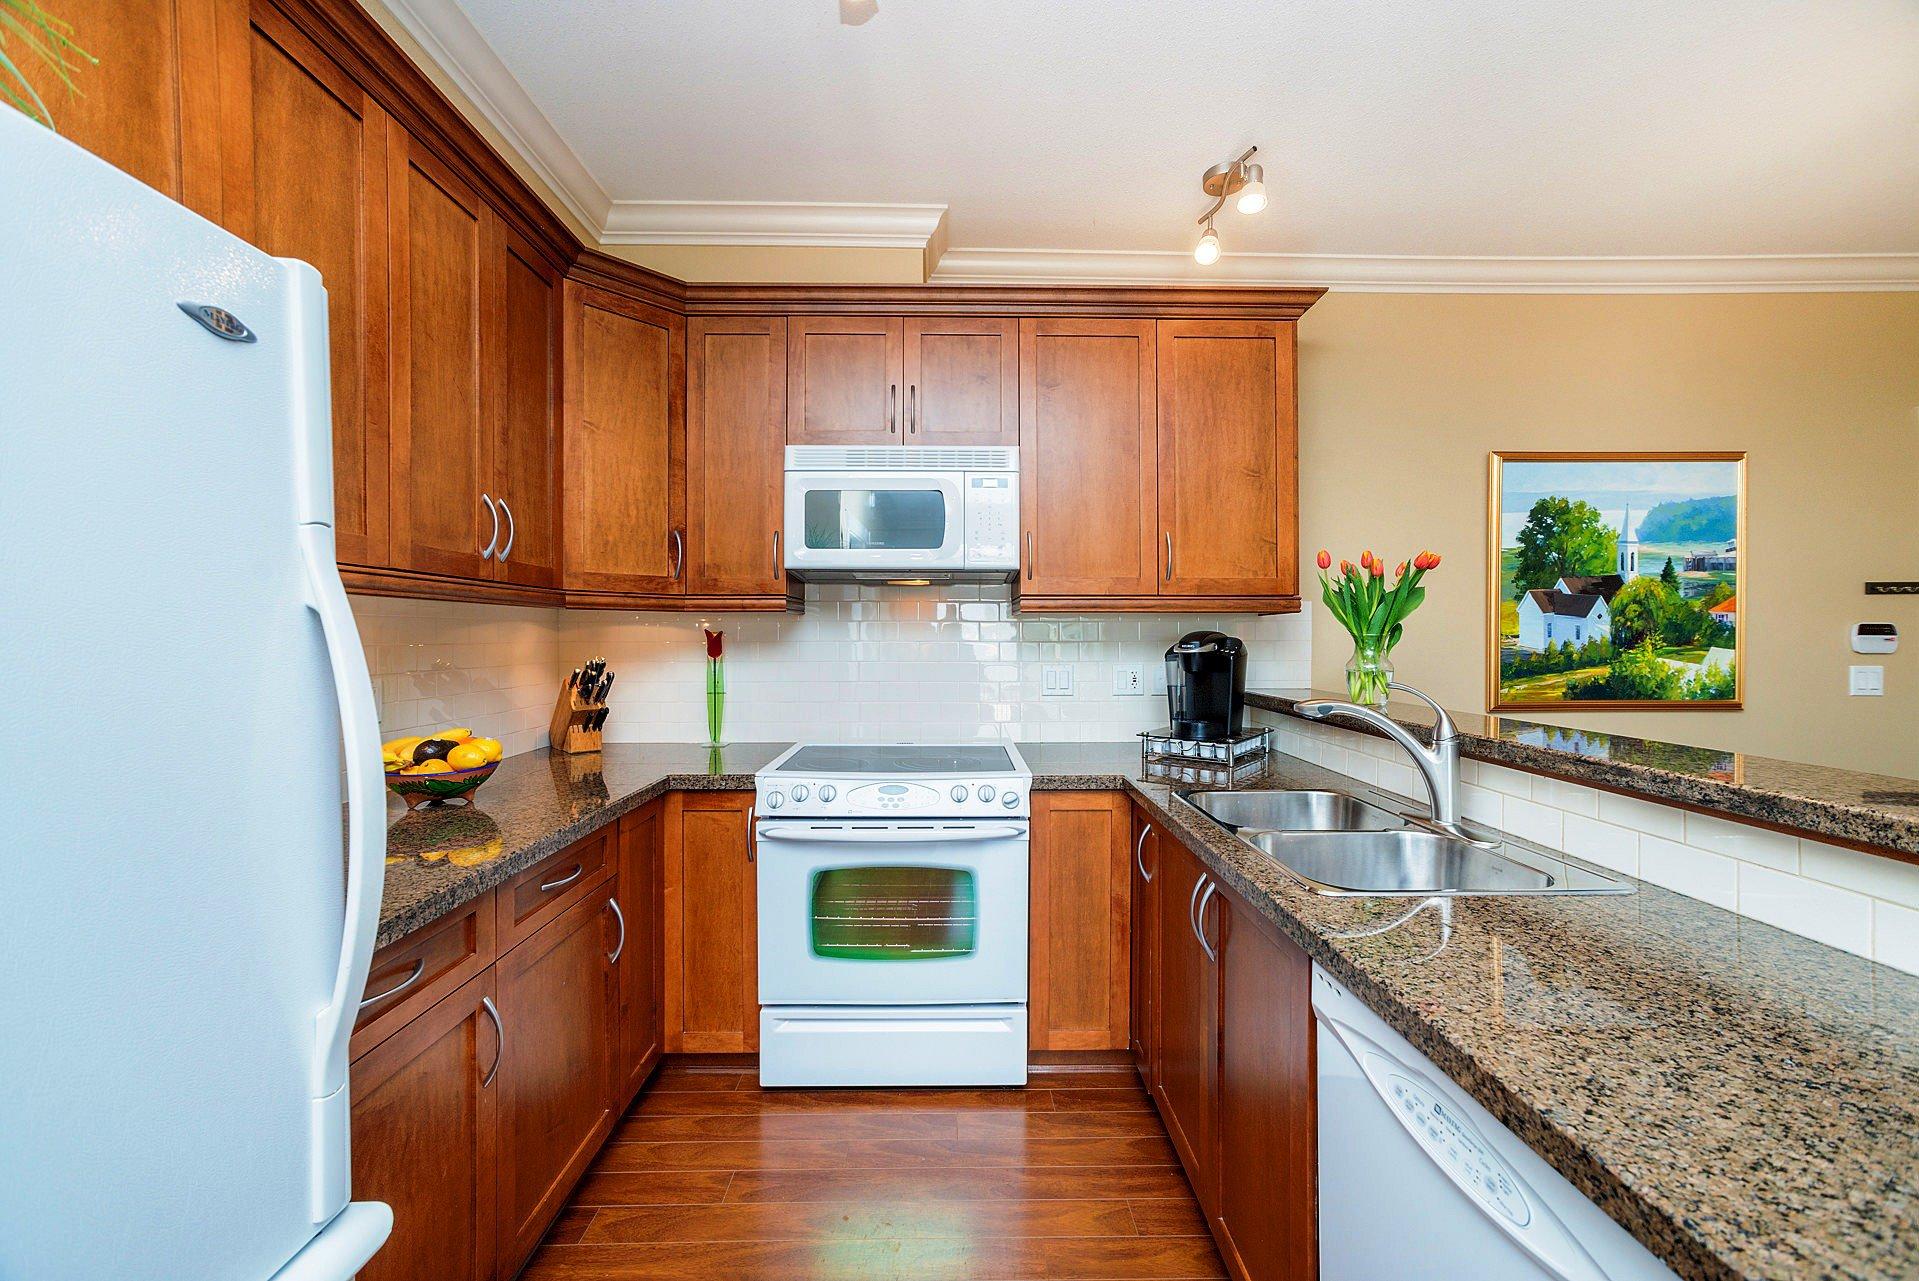 """Photo 8: Photos: 408 15368 17A Avenue in Surrey: King George Corridor Condo for sale in """"OCEAN WYNDE"""" (South Surrey White Rock)  : MLS®# R2249492"""